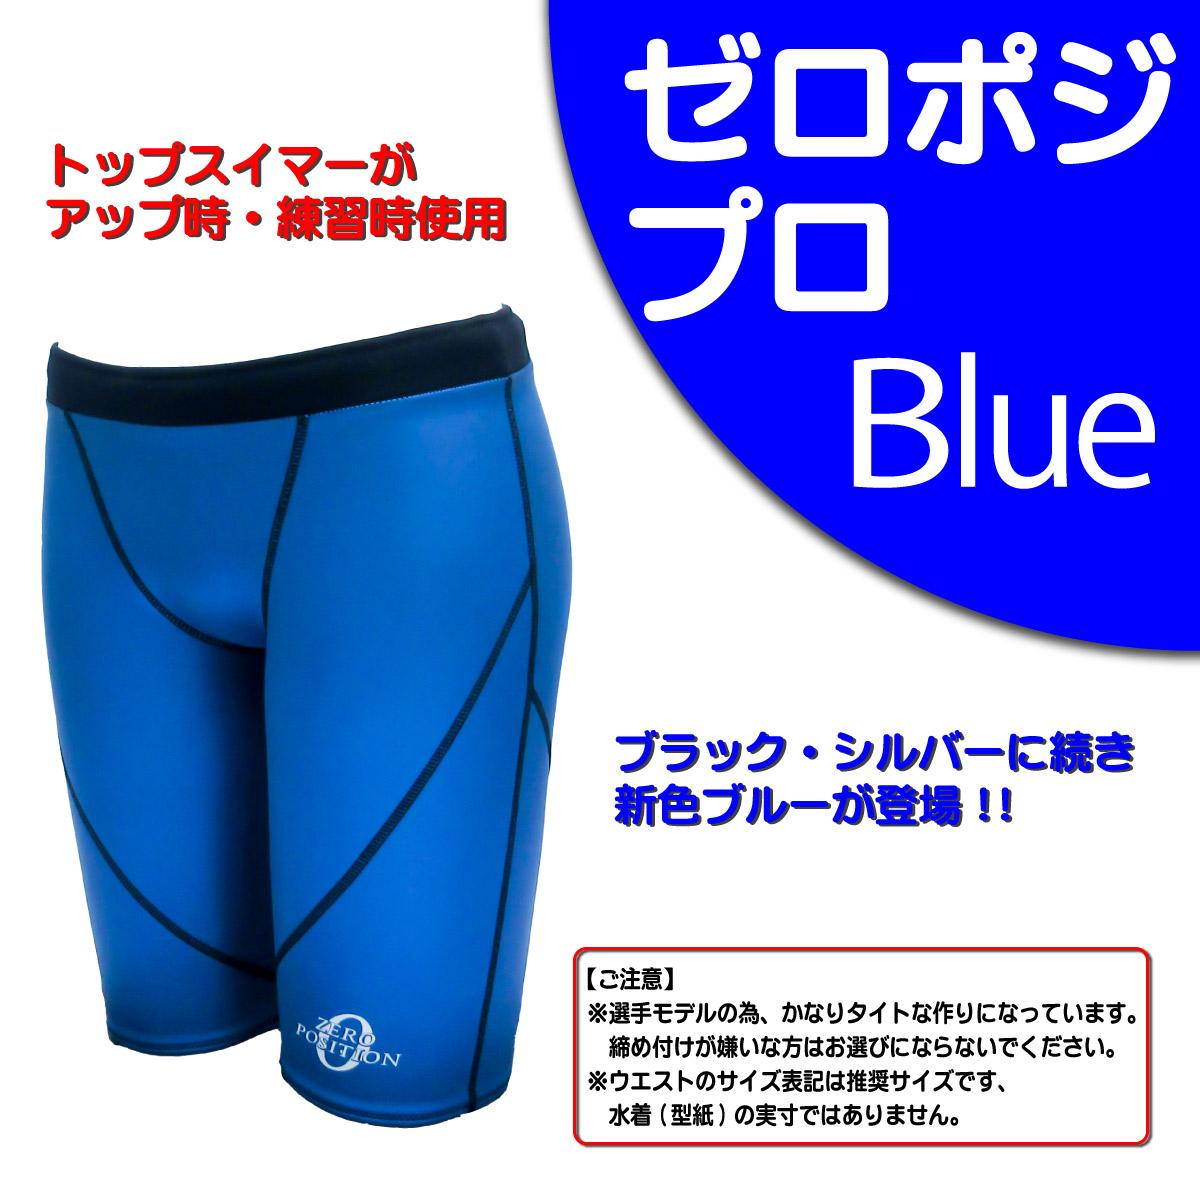 ゼロポジション プロフェッショナル ブルー【山本化学工業直営】